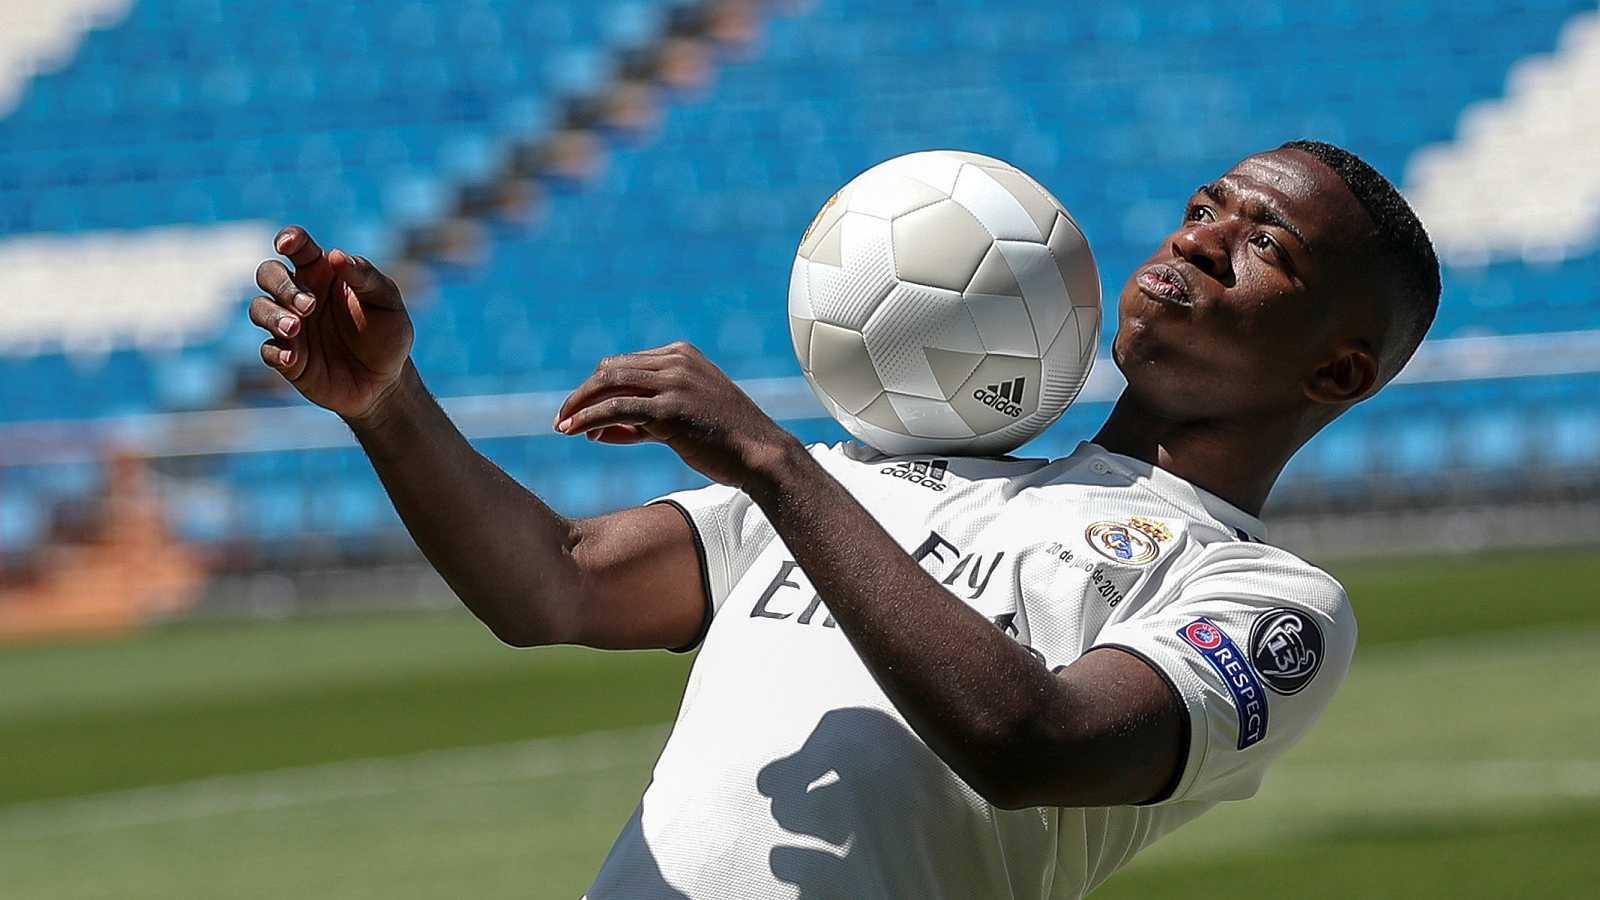 Para todos los públicos El brasileño Vinicius Jr. ha sido presentado como nuevo  jugador del Real Madrid en el reproducir video 67a84857f5b2c